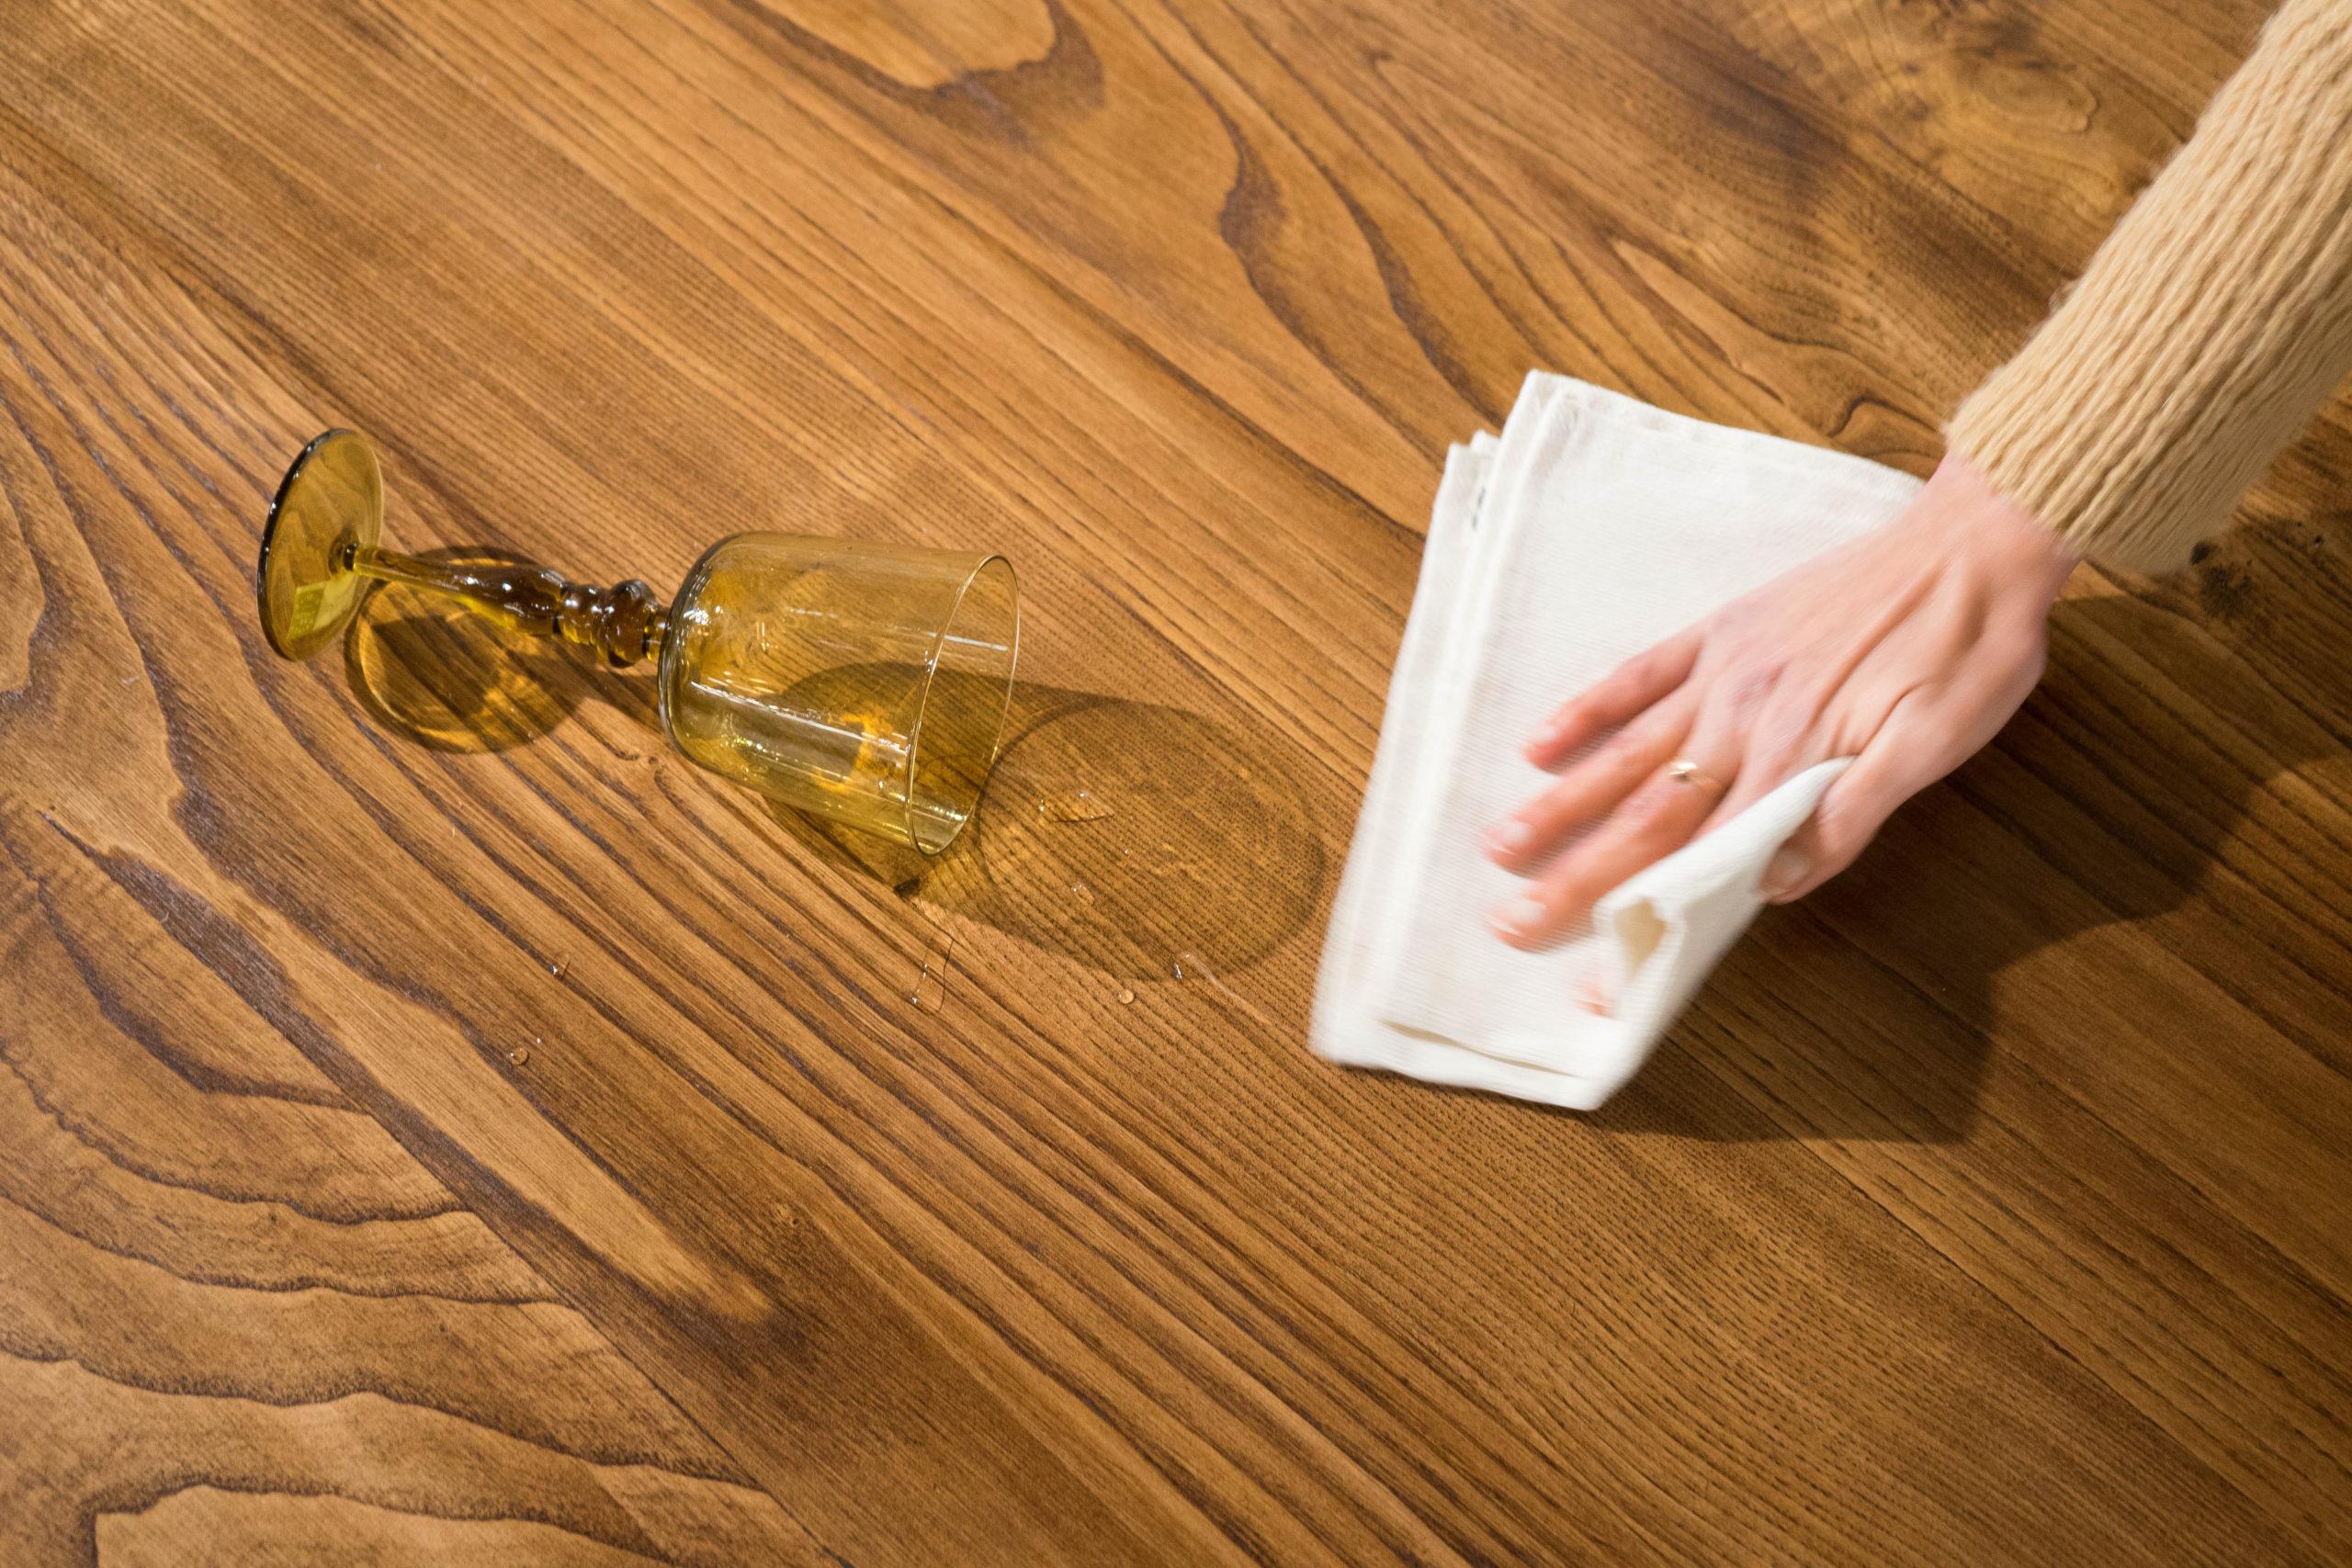 cuidado muebles madera